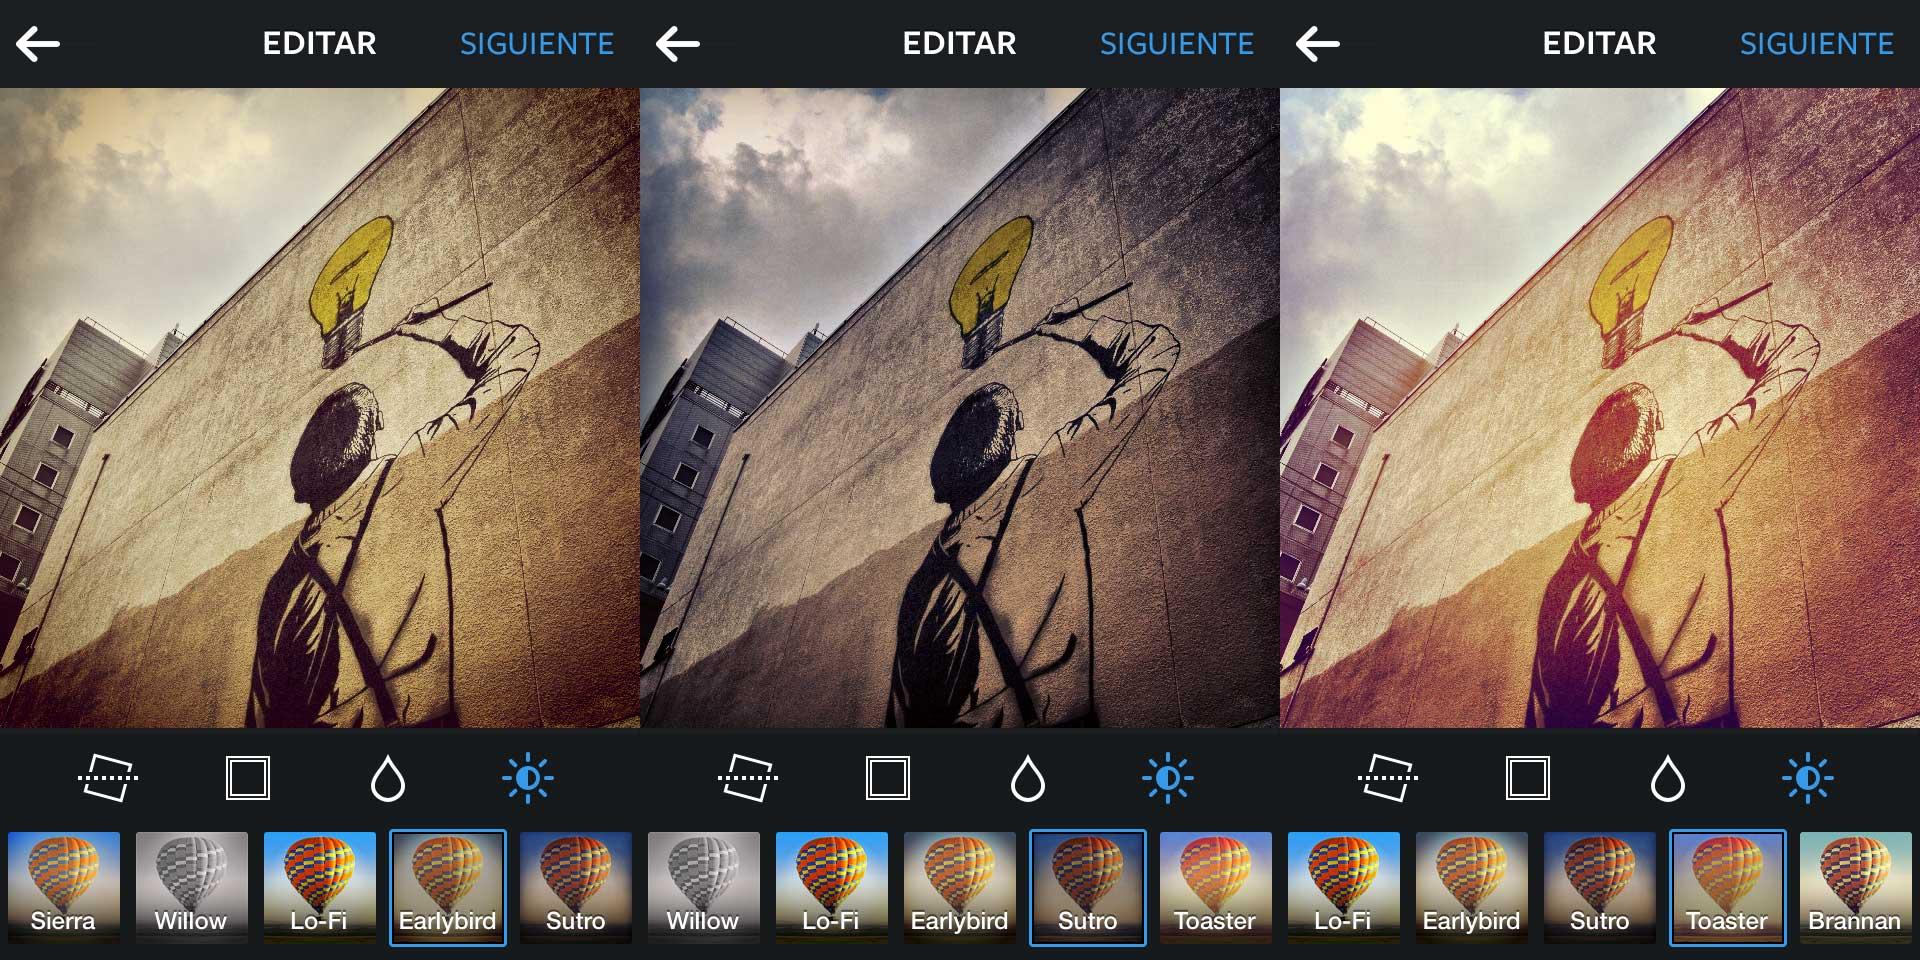 Más filtros para nuestras fotos.